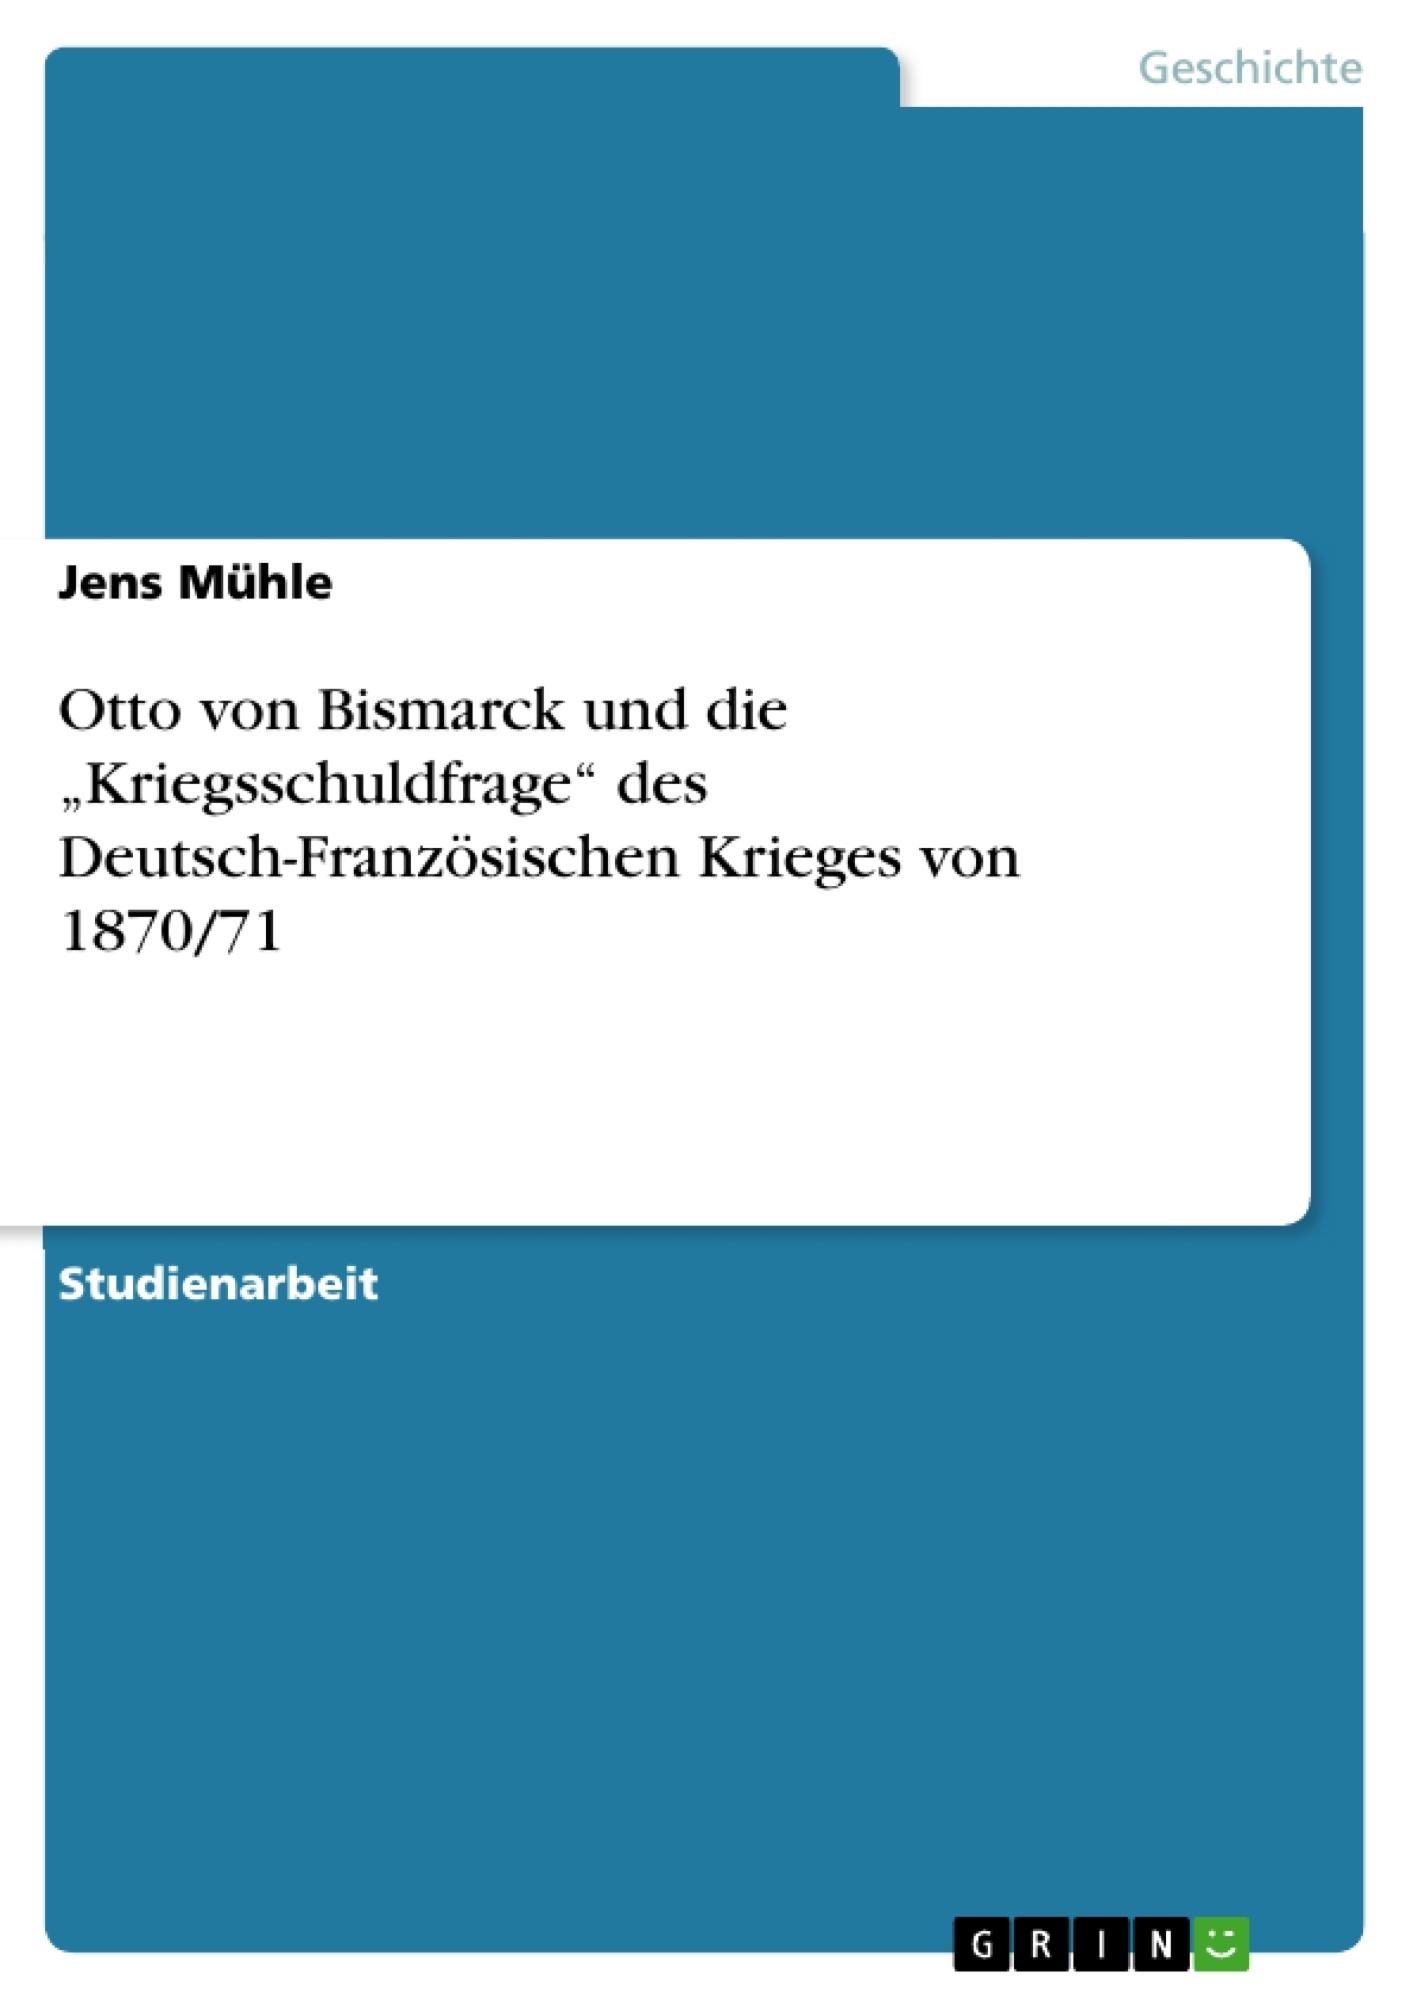 """Titel: Otto von Bismarck und die """"Kriegsschuldfrage"""" des Deutsch-Französischen Krieges von 1870/71"""